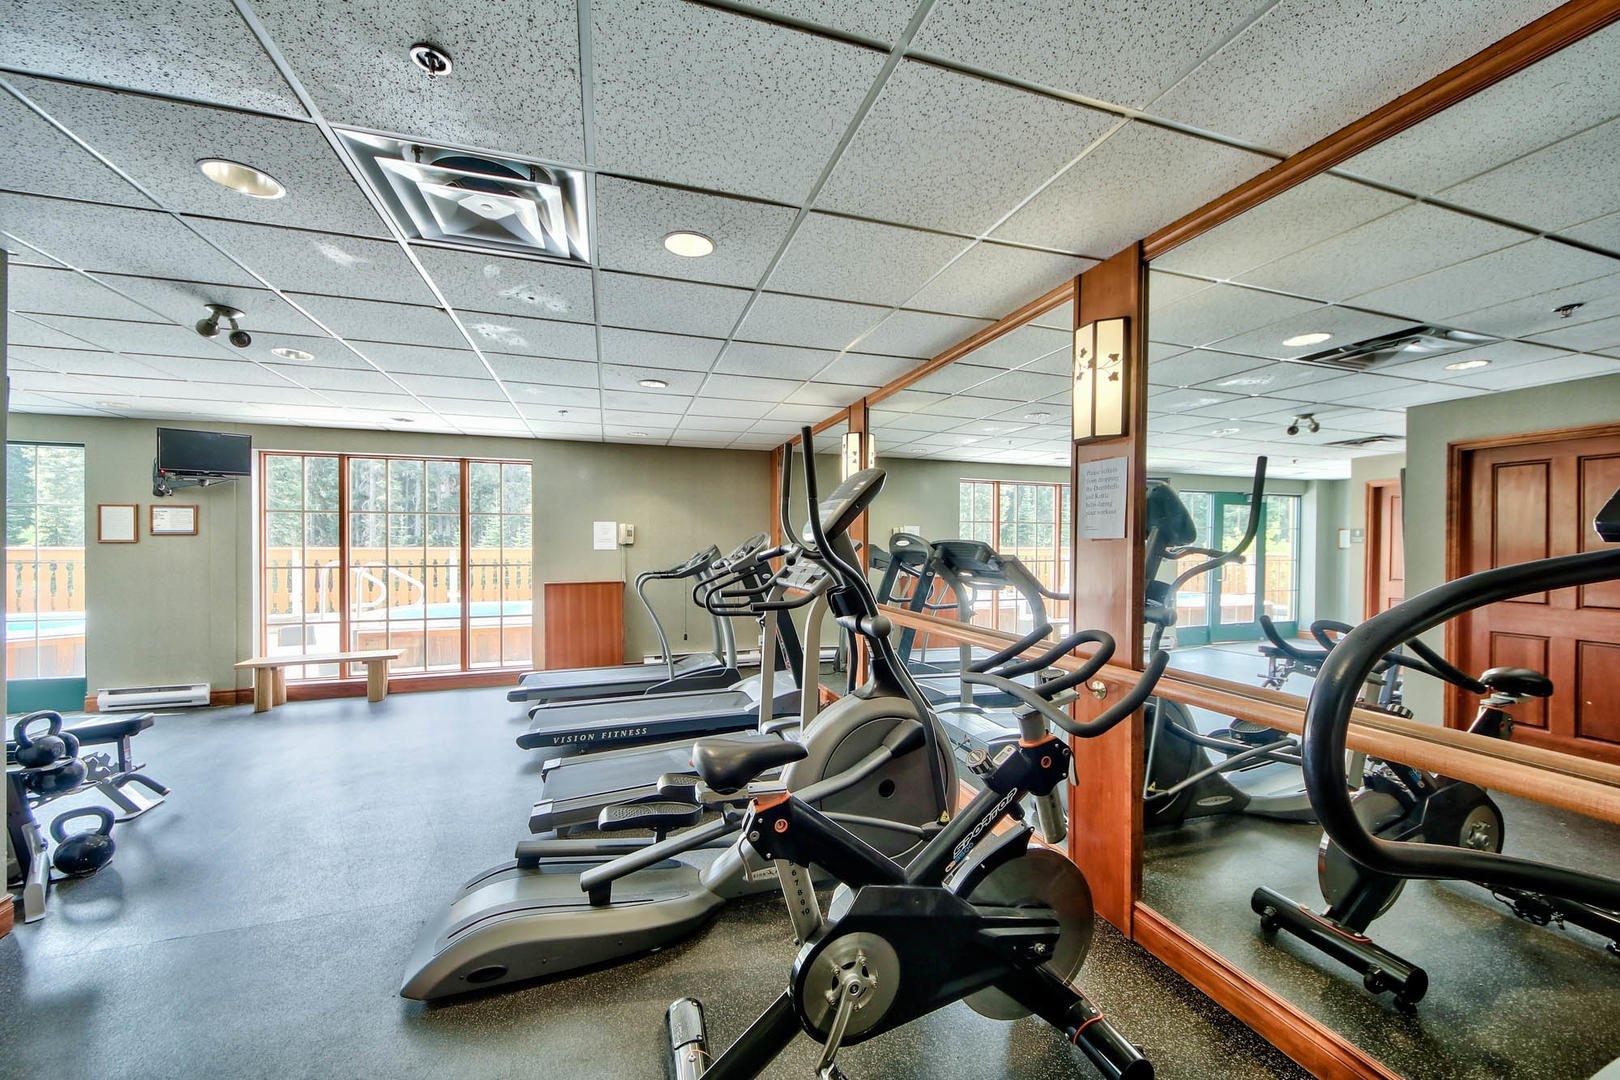 sun peaks hearthstone lodge fitness room.jpg